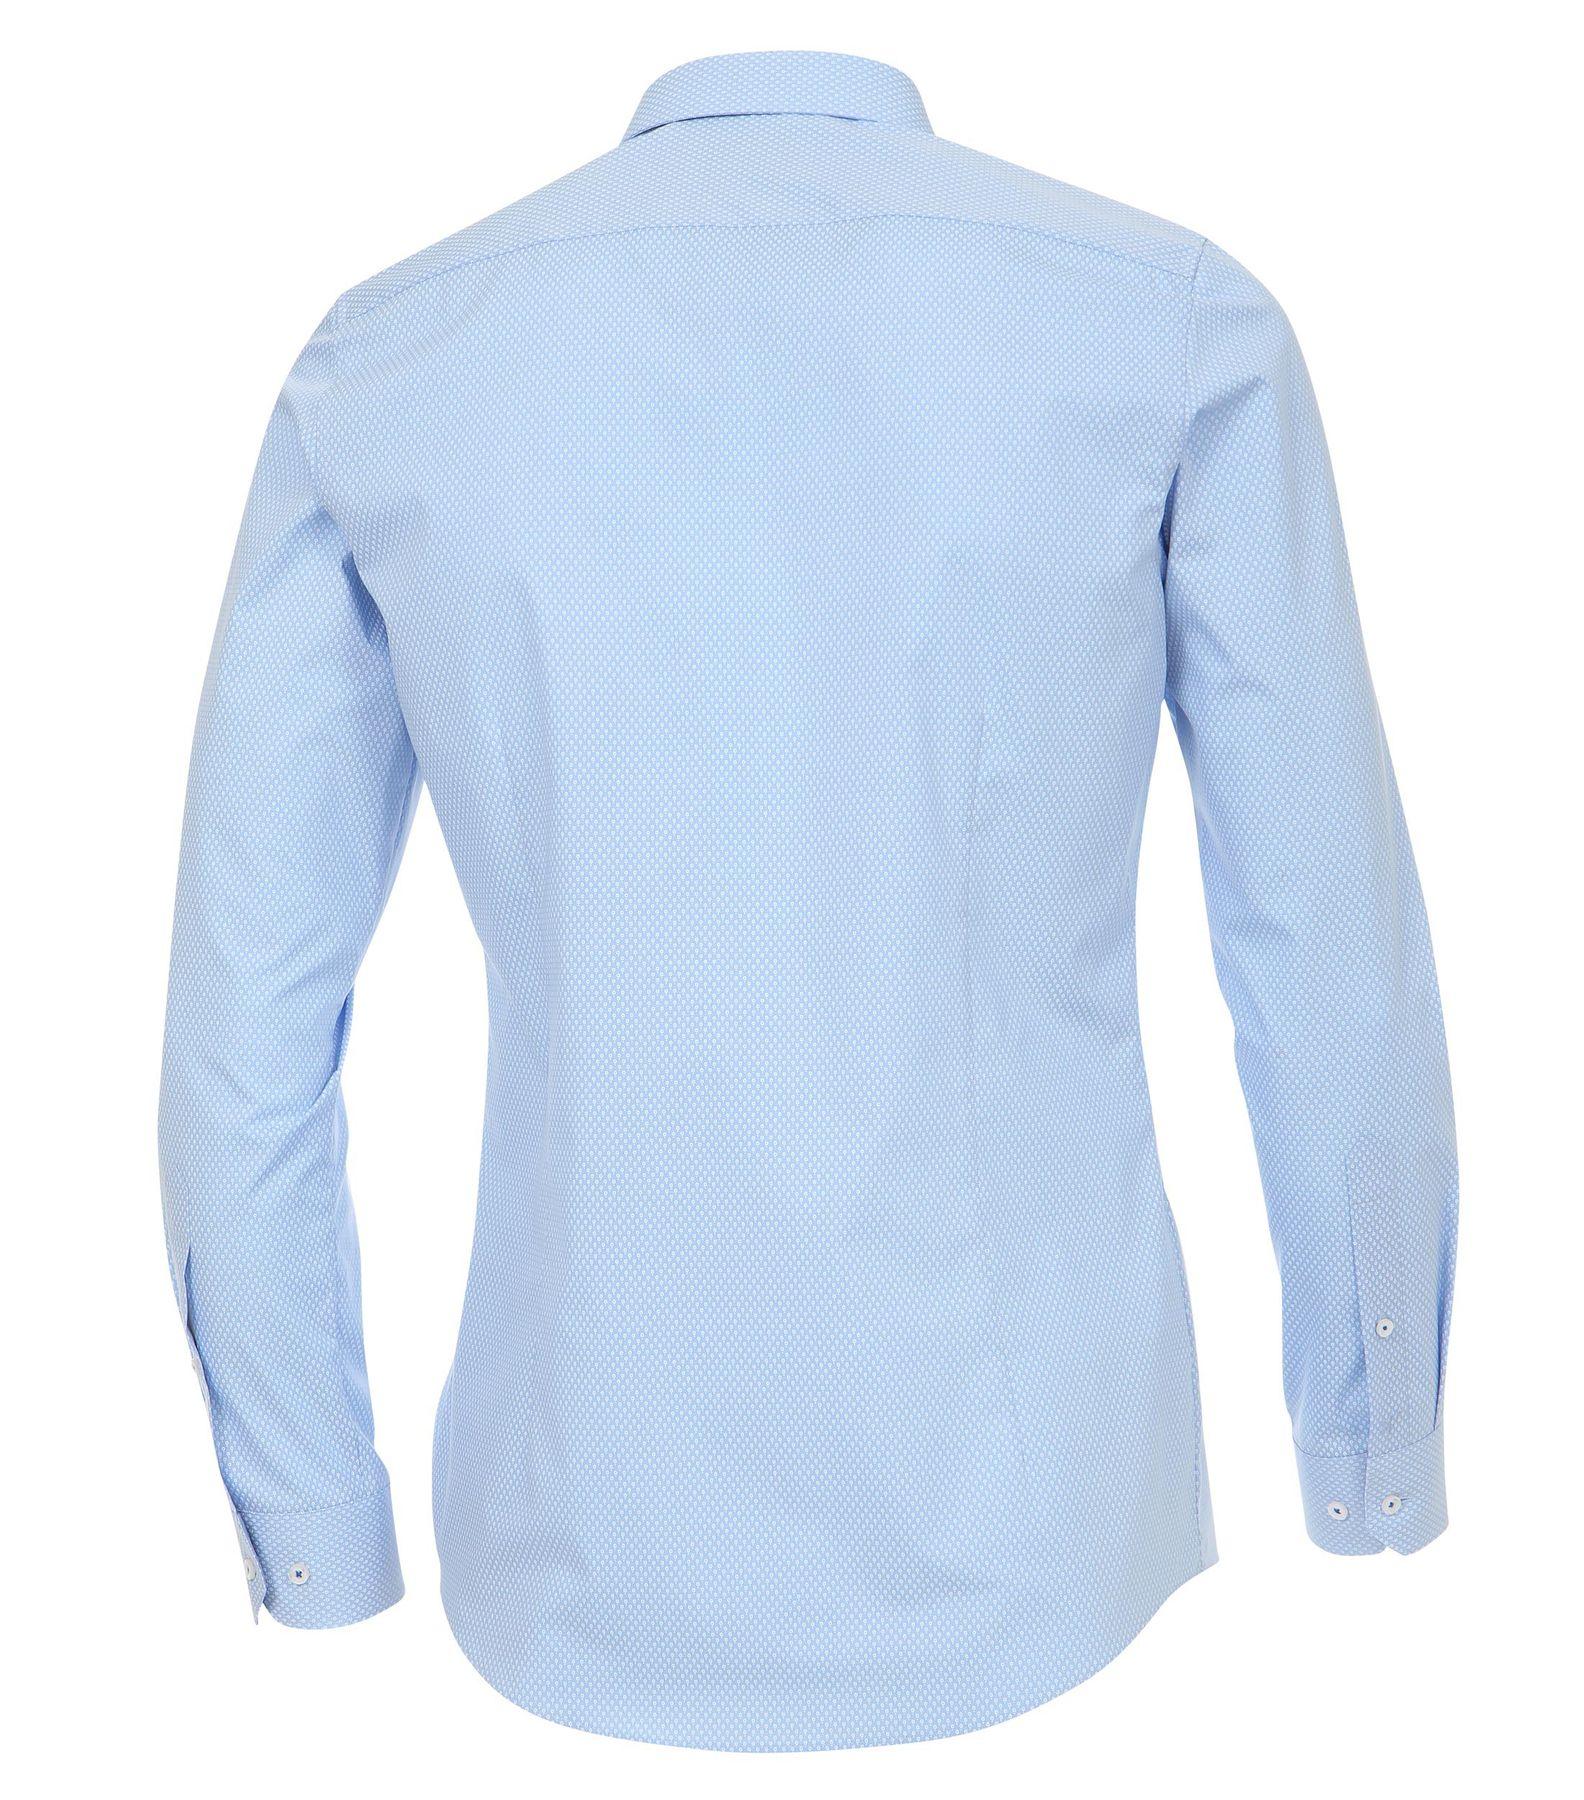 Venti - Body Fit - Herren Hemd mit modischem Druck und aus 100% Baumwolle mit Kent Kragen (172678200) – Bild 2